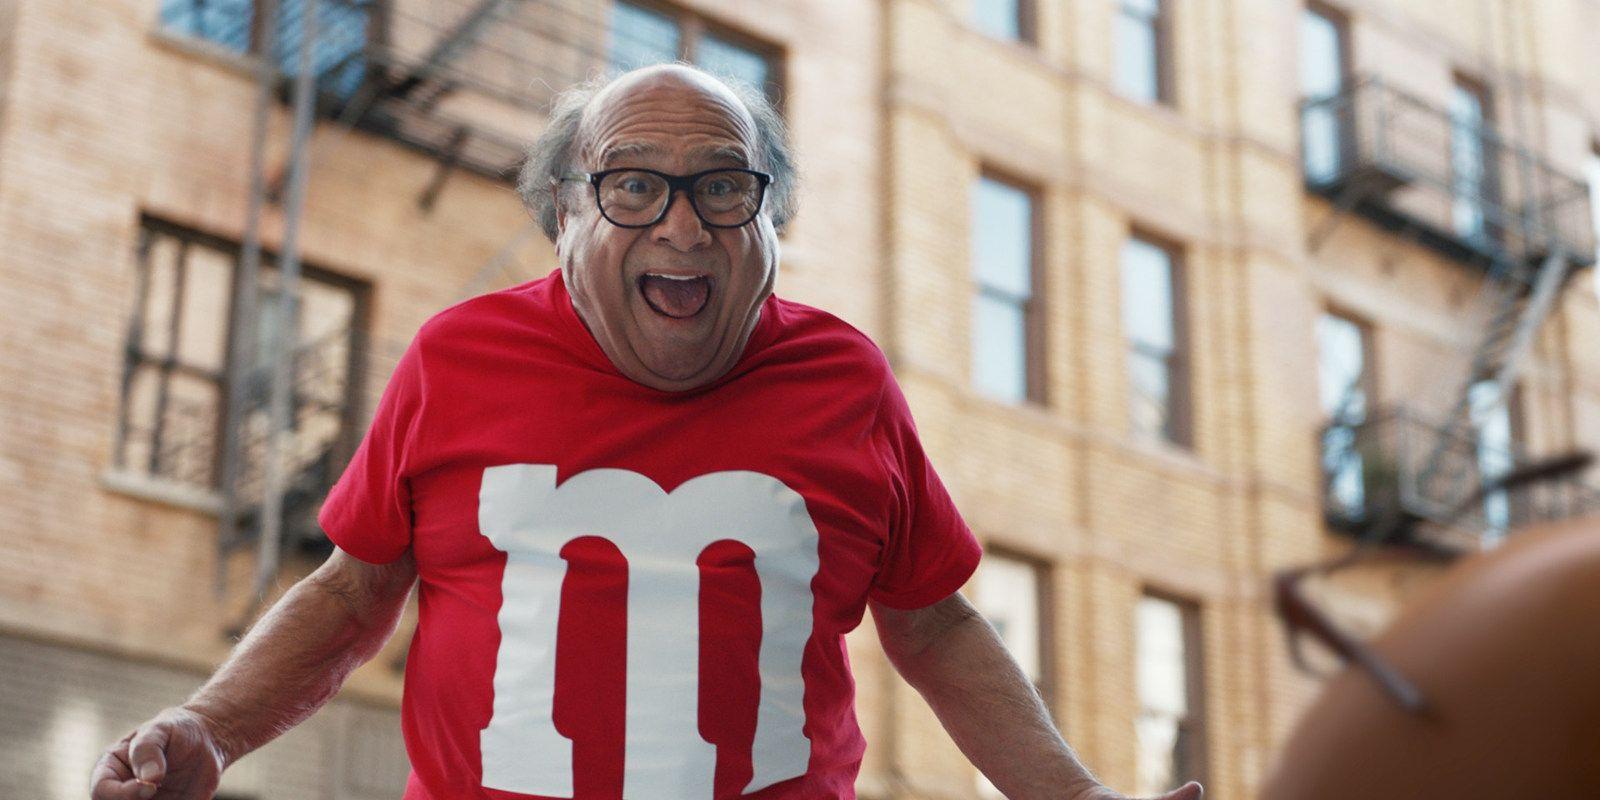 Danny DeVito in M&Ms Super Bowl commercial